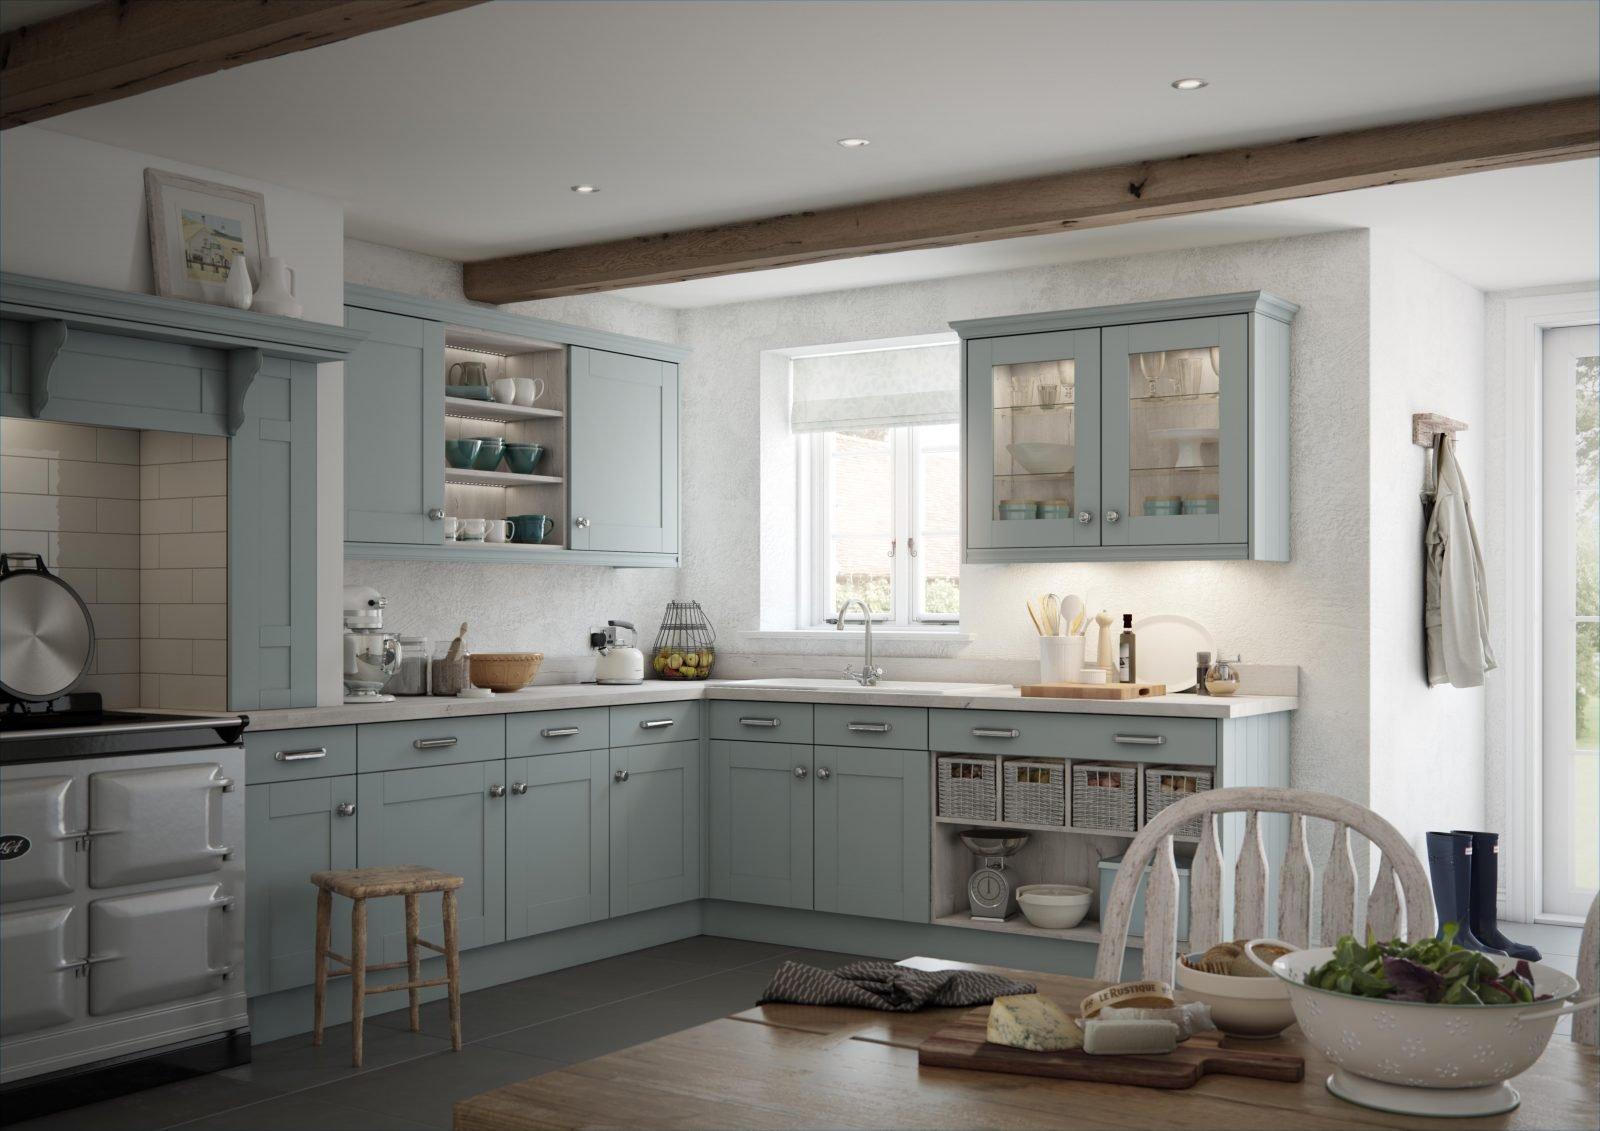 Mereway Kitchen Unit Dimensions